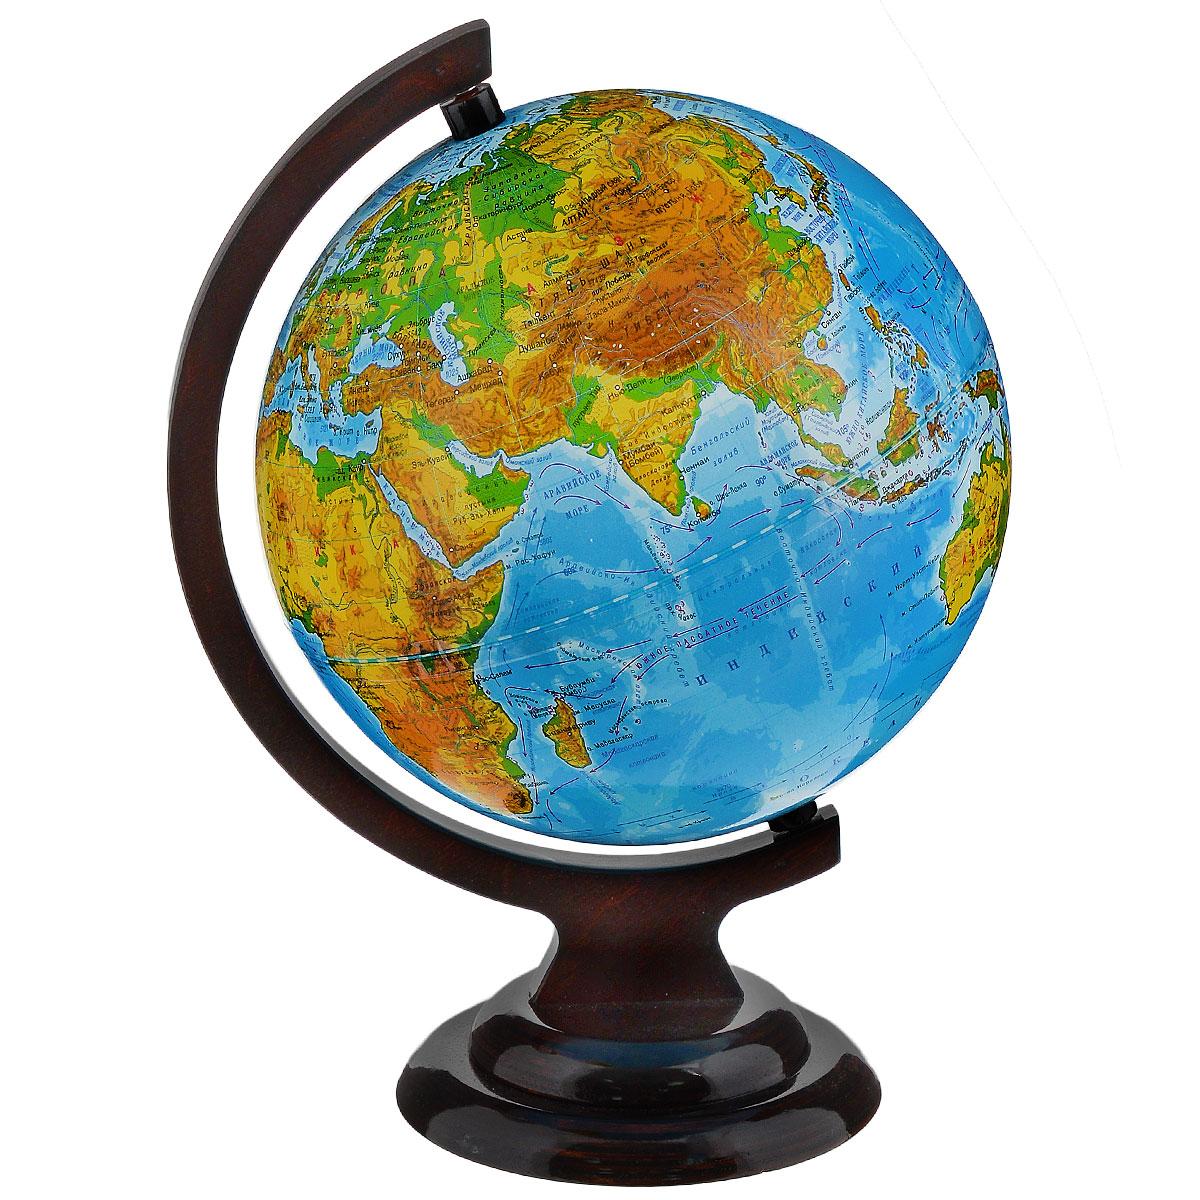 Глобусный мир Глобус с физической картой, диаметр 21 см, на деревянной подставке10007Географический глобус с физической картой мира станет незаменимым атрибутом обучения не только школьника, но и студента. На глобусе отображены линии картографической сетки, гидрографическая сеть, рельеф суши и морского дна, крупнейшие населенные пункты, теплые и холодные течения. Глобус является уменьшенной и практически не искаженной моделью Земли и предназначен для использования в качестве наглядного картографического пособия, а также для украшения интерьера квартир, кабинетов и офисов. Красочность, повышенная наглядность визуального восприятия взаимосвязей, отображенных на глобусе объектов и явлений, в сочетании с простотой выполнения по нему различных измерений делают глобус доступным широкому кругу потребителей для получения разнообразной познавательной, научной и справочной информации о Земле. Глобус на оригинальной деревянной подставке. Масштаб: 1:60000000.